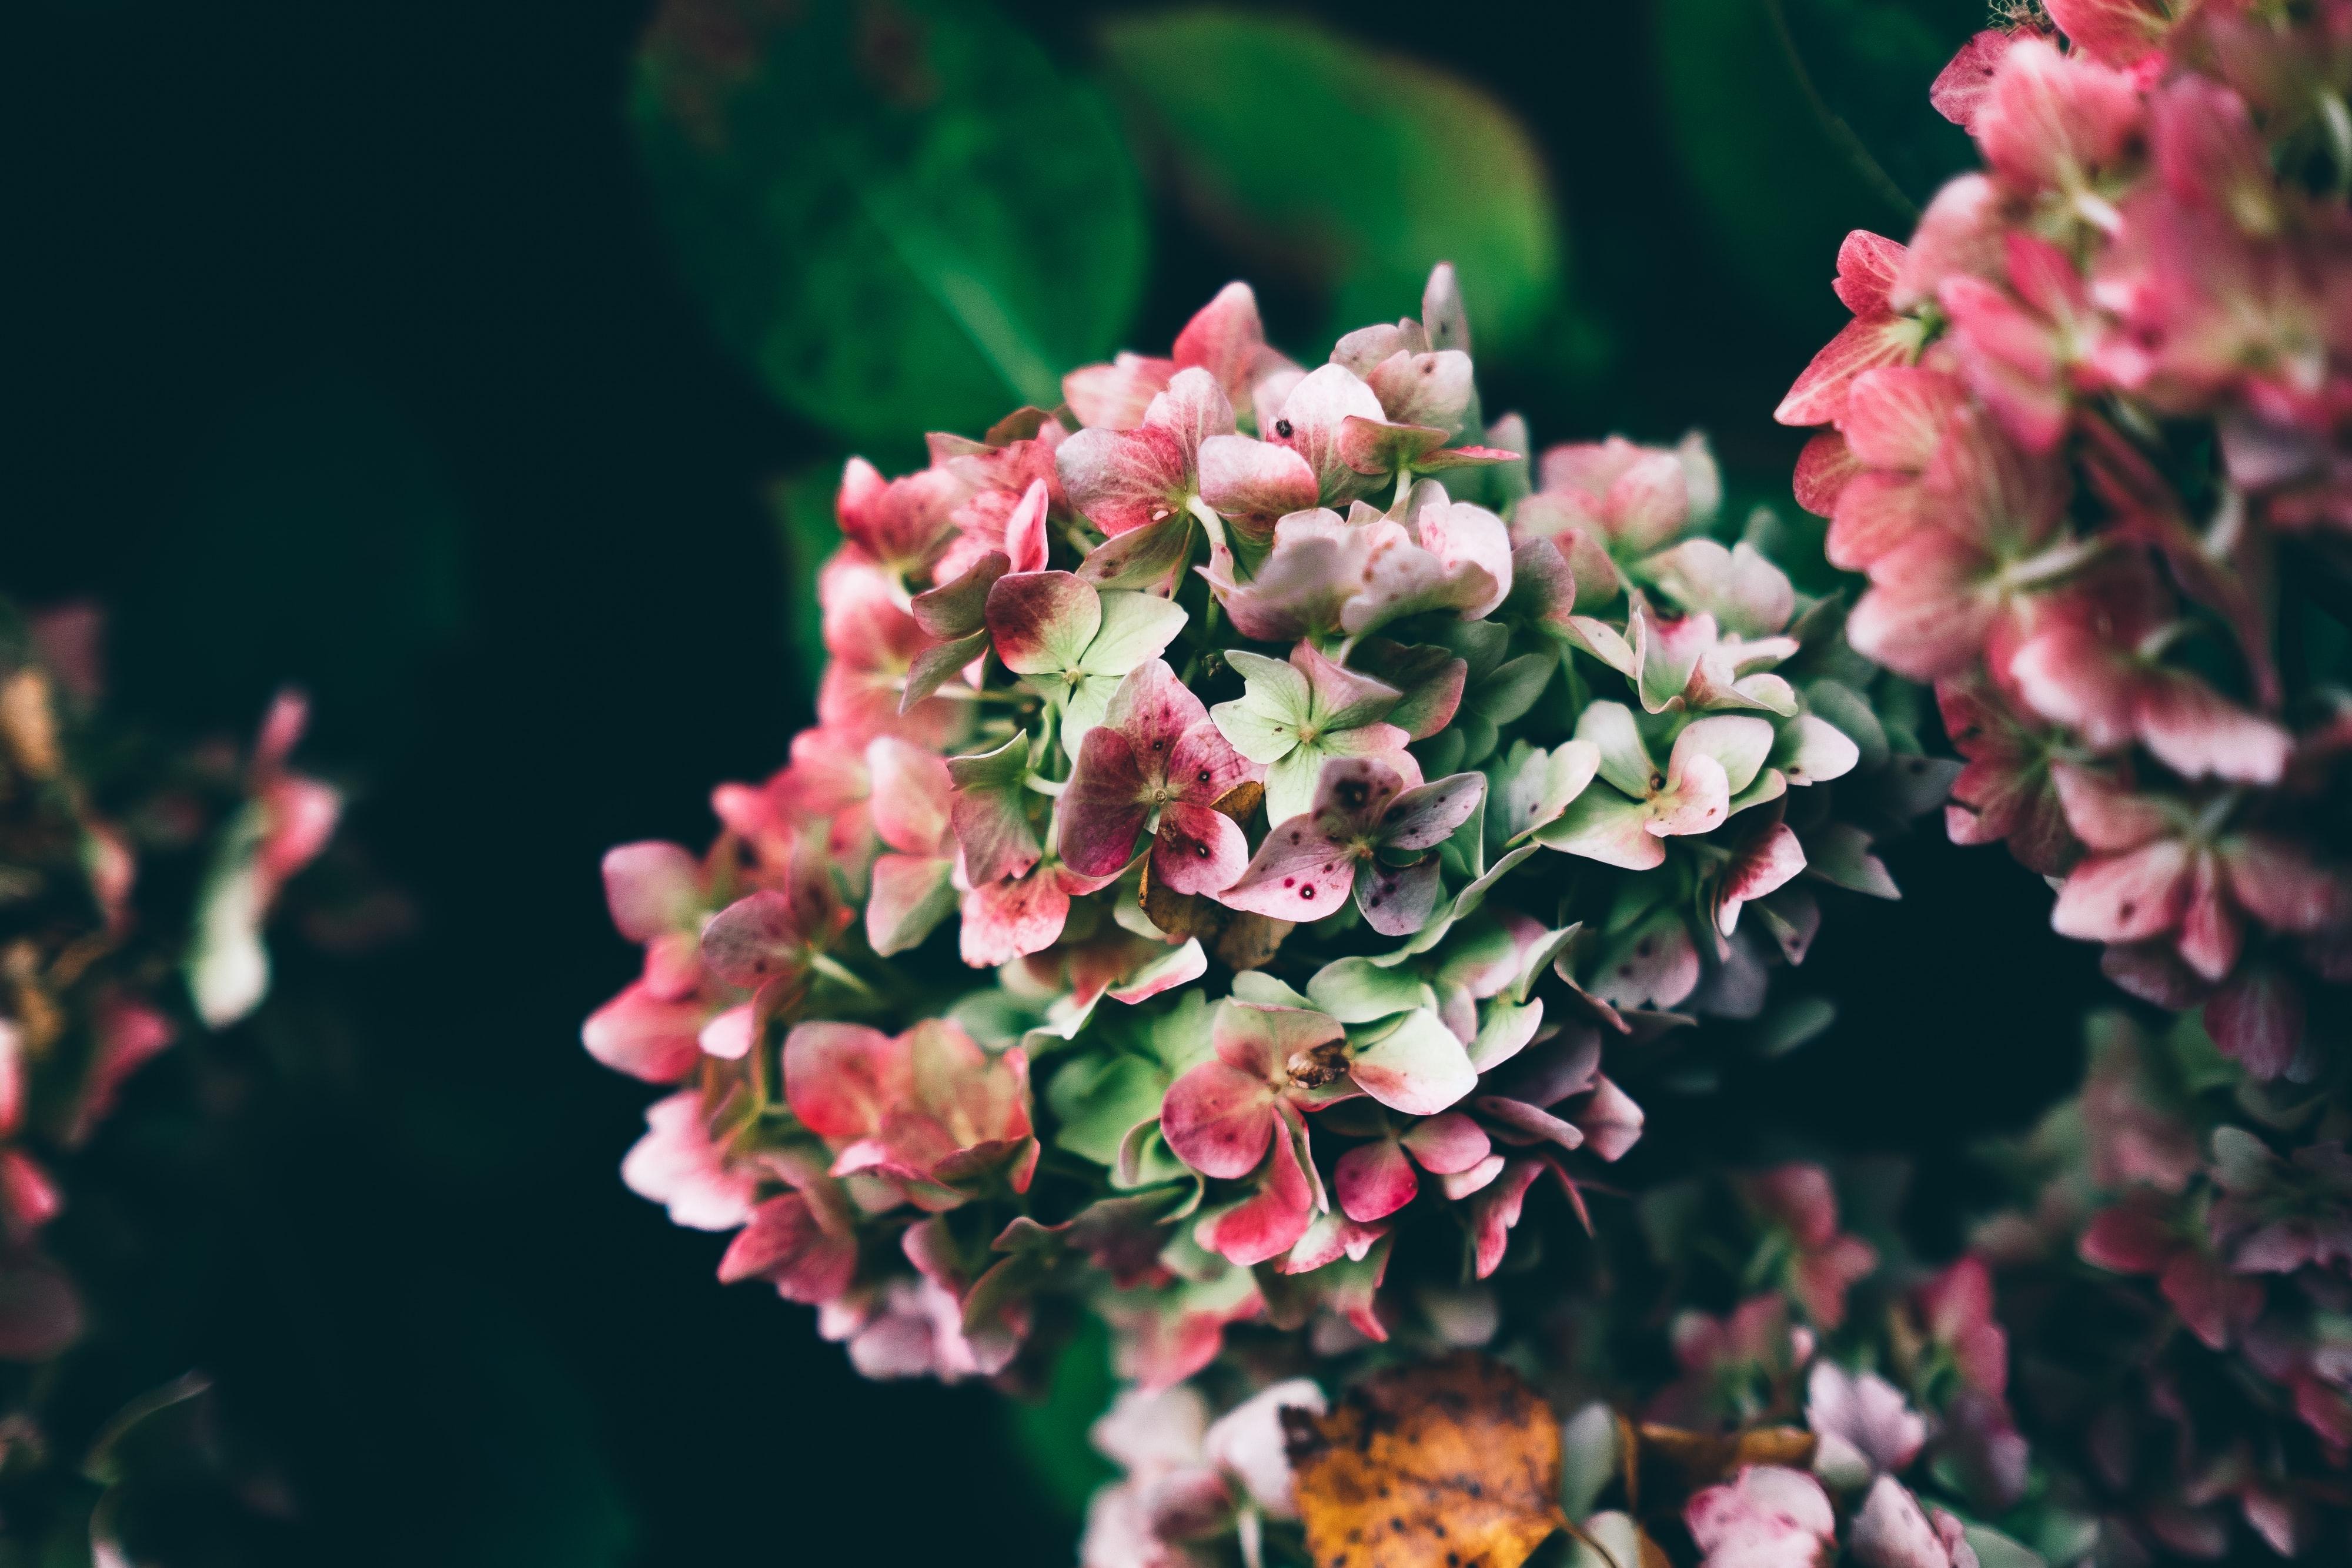 秋らしい花で部屋を彩ろう。今だから楽しめるおすすめのお花9種